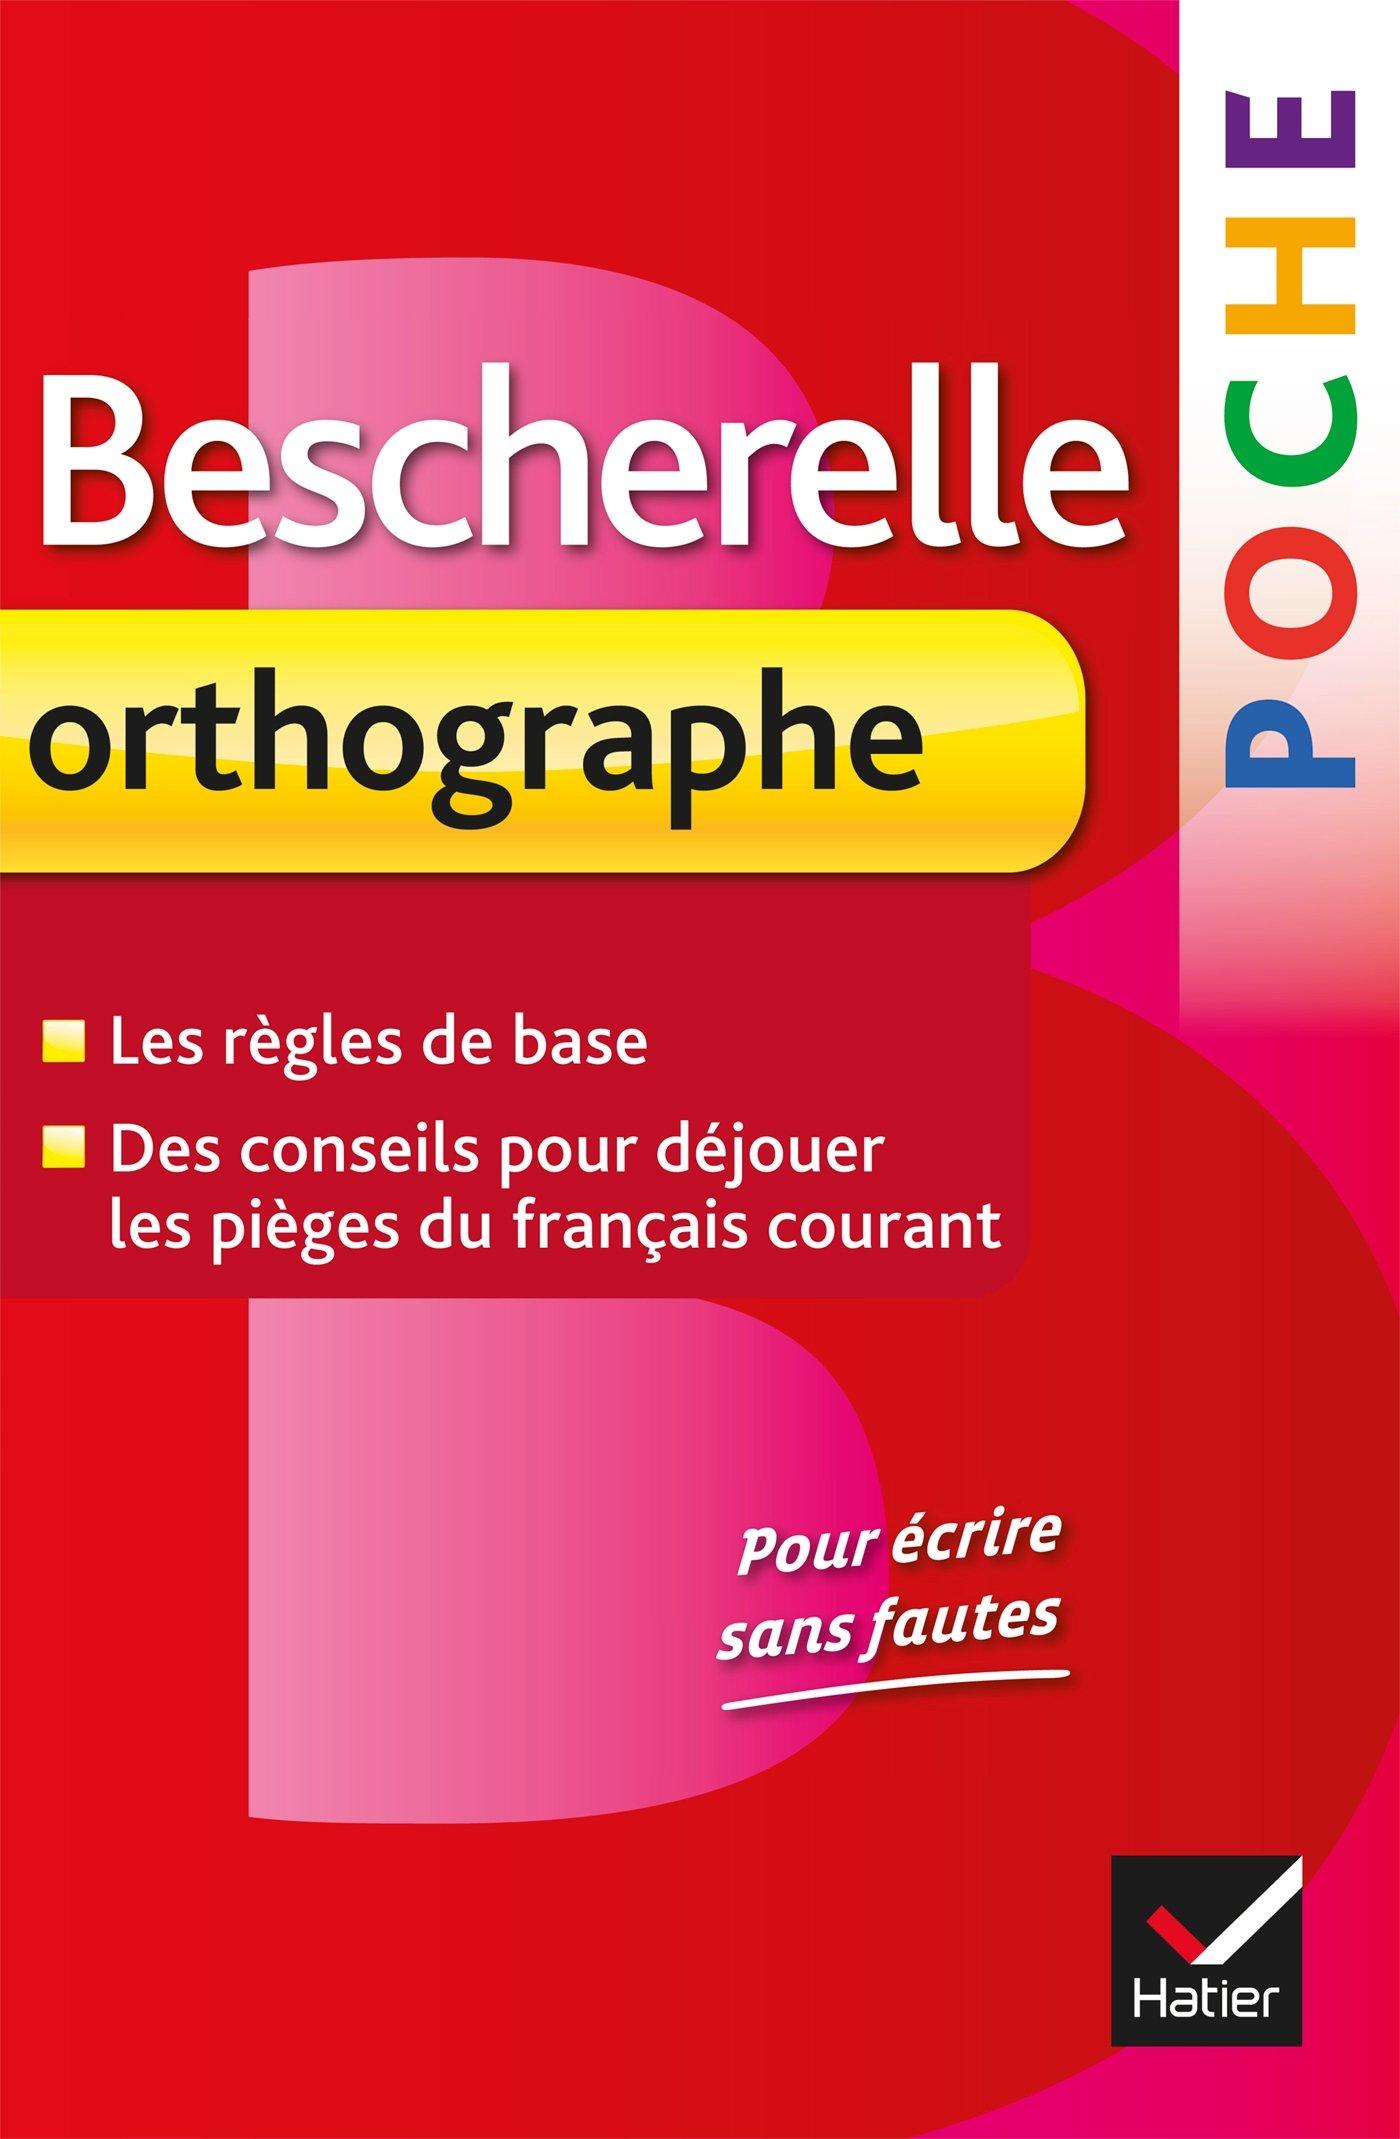 Deux Salles De Bain Orthographe ~ amazon fr bescherelle poche orthographe l essentiel de l